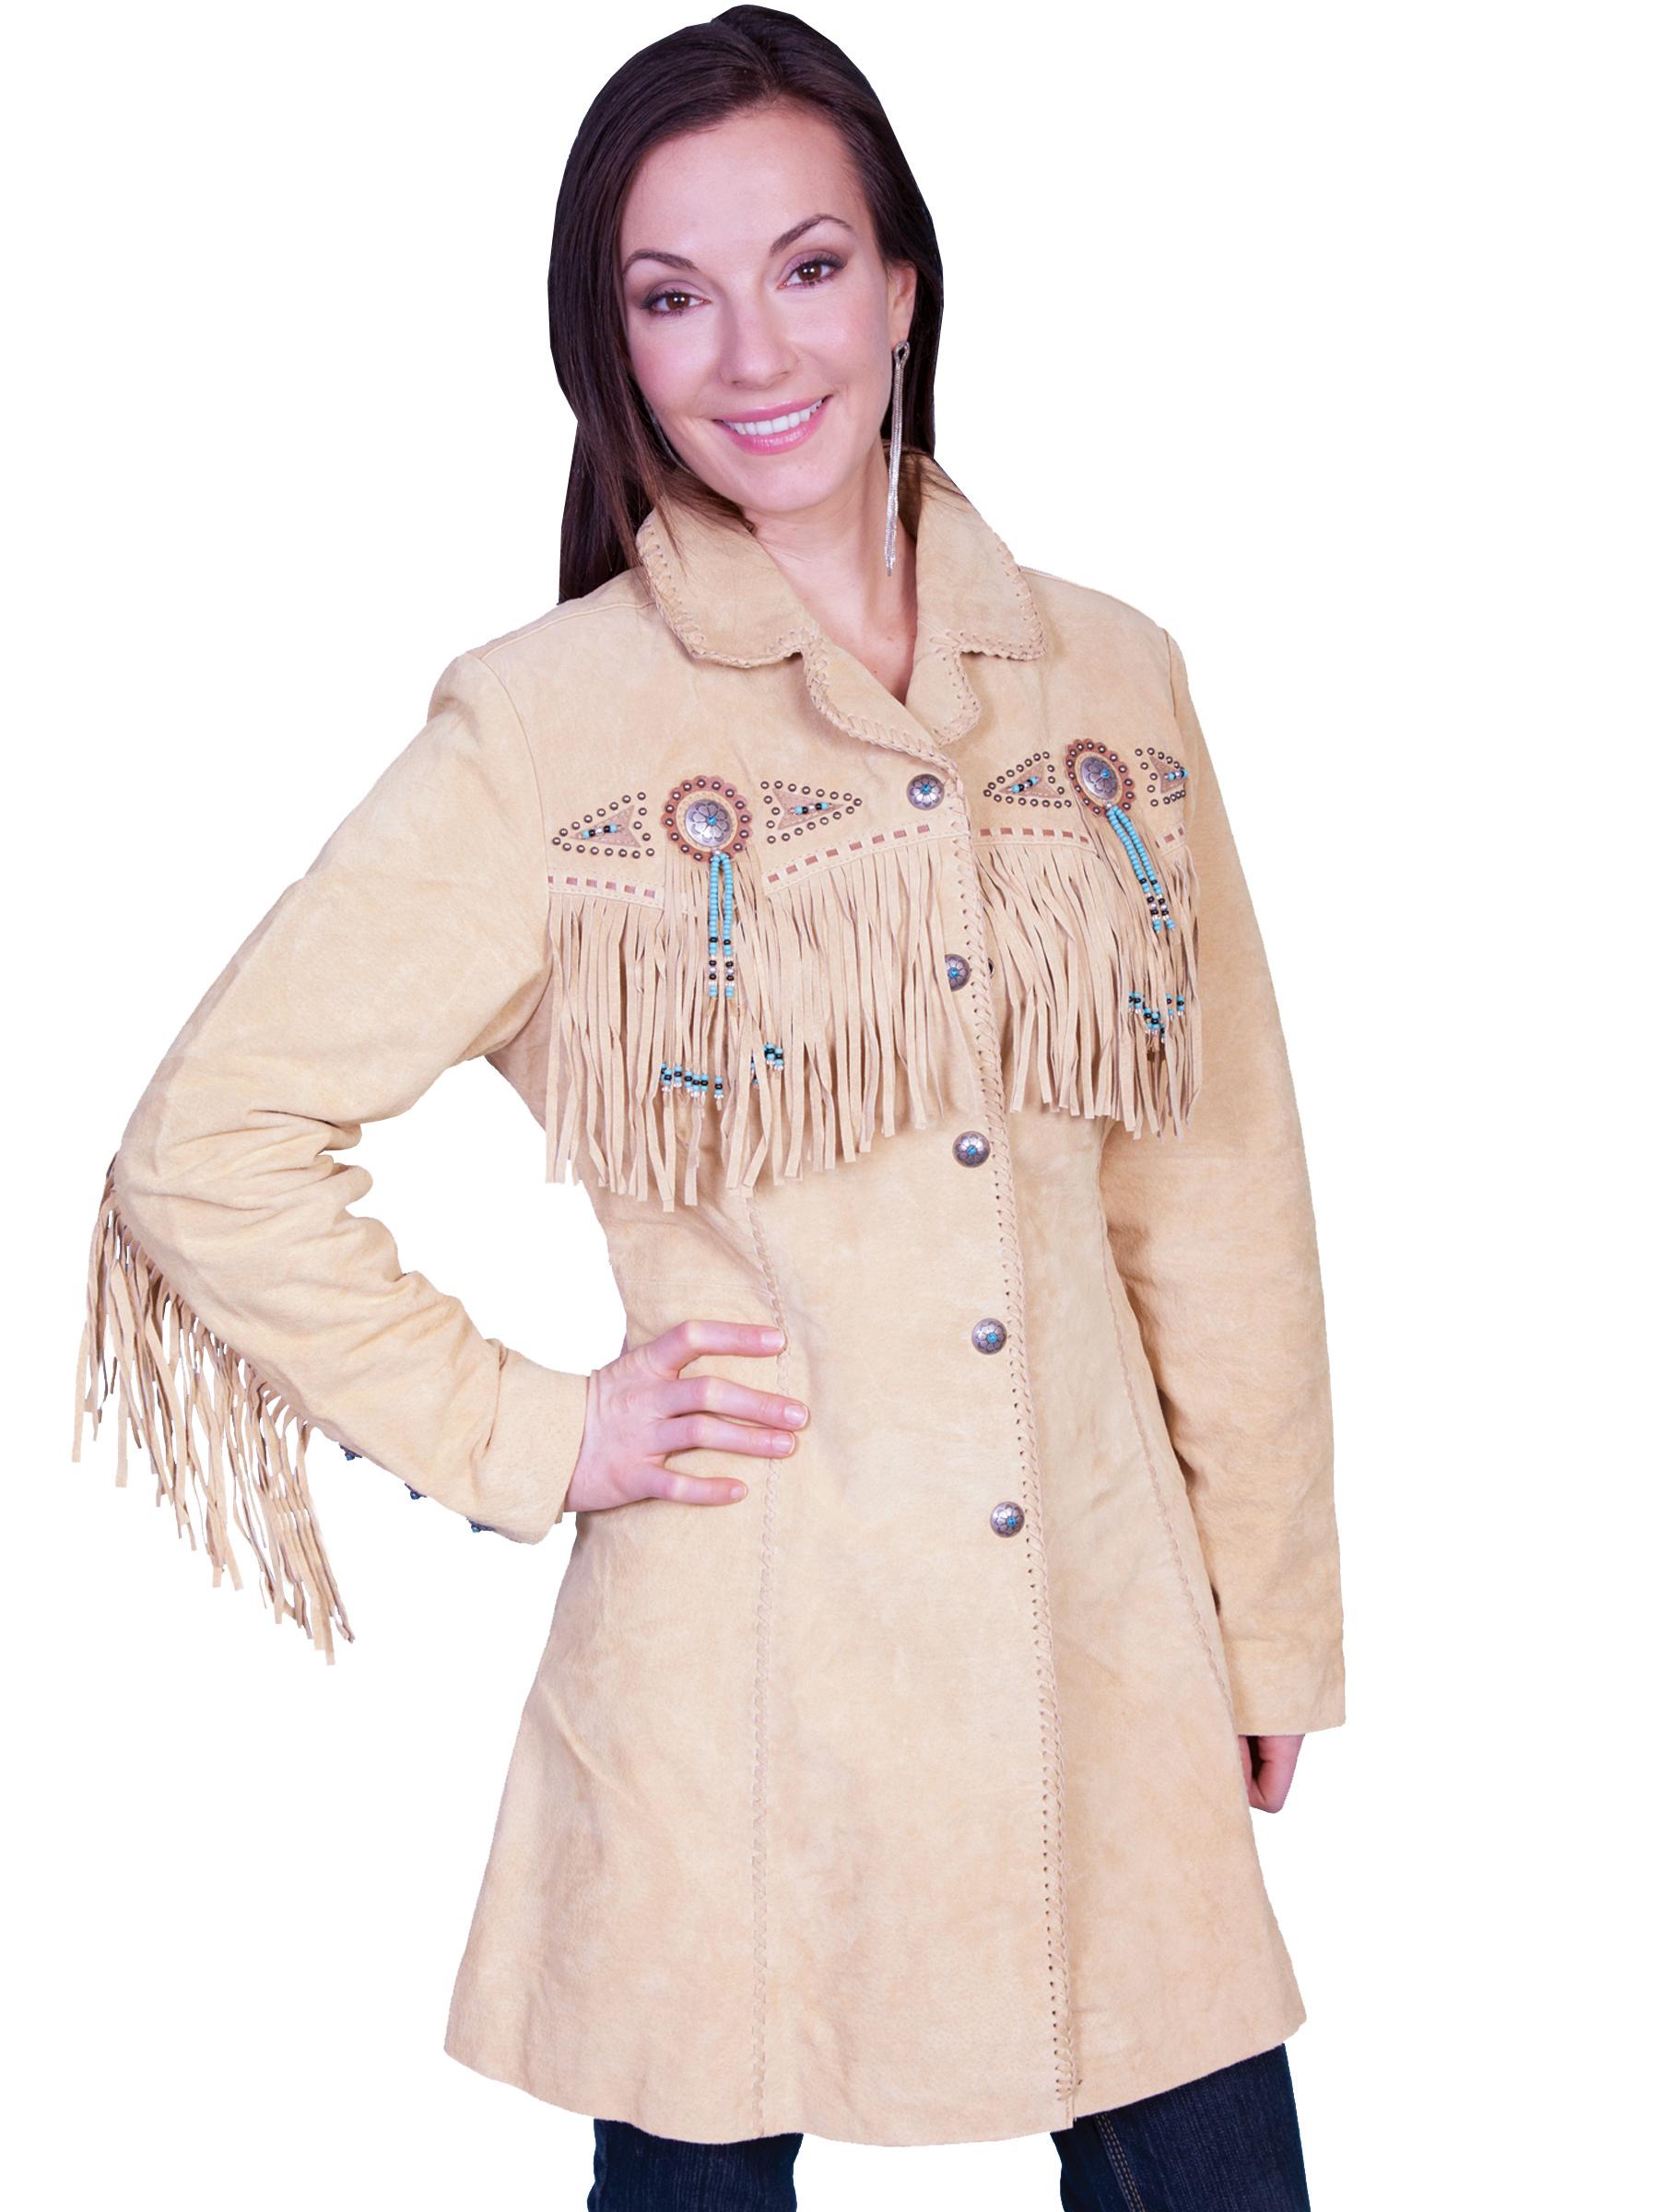 3/4 length boar suede coat